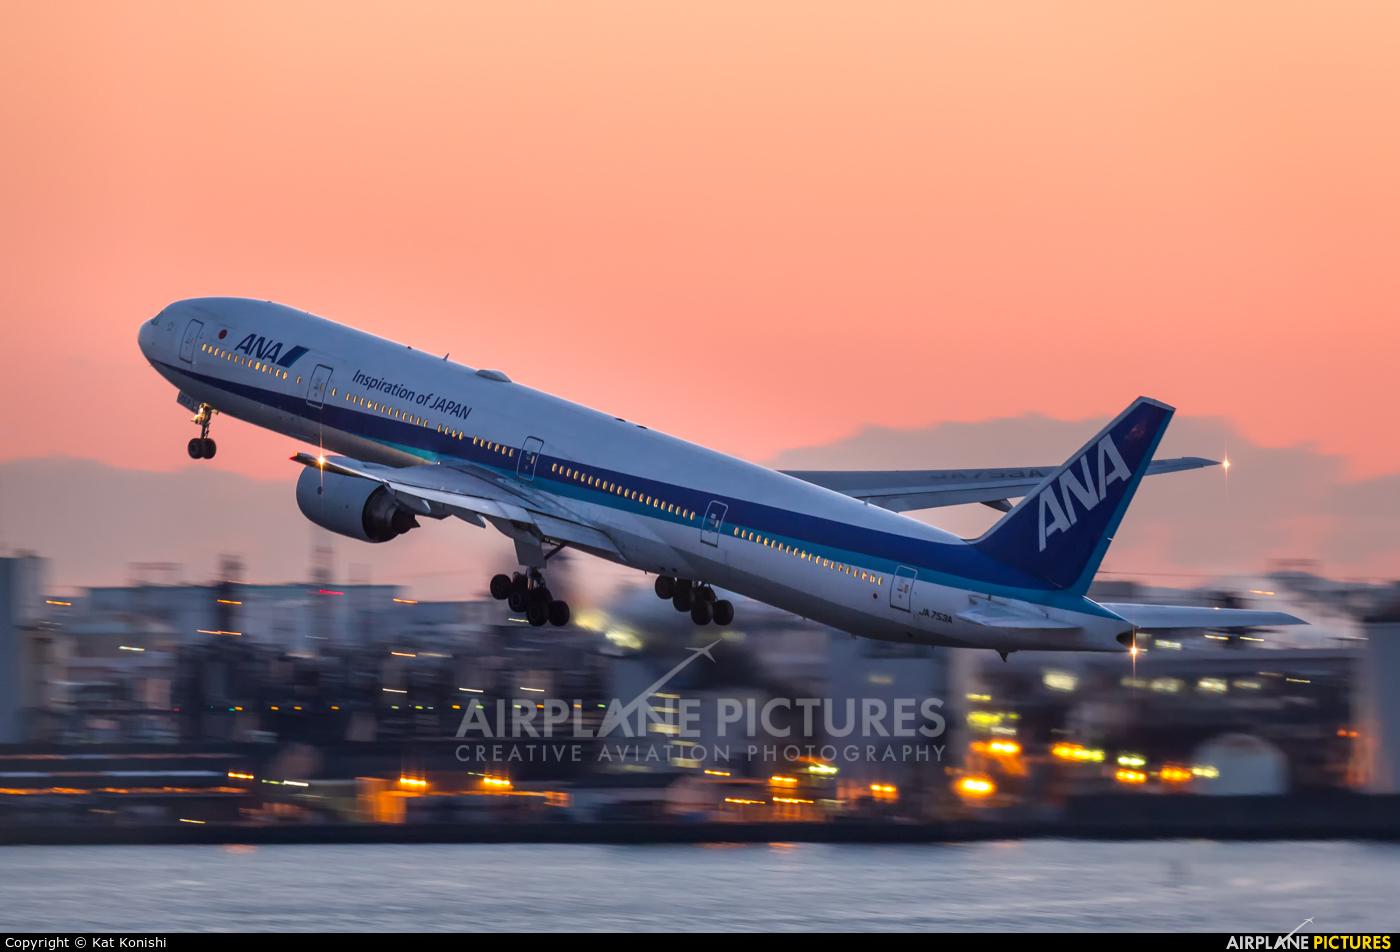 ANA - All Nippon Airways JA753A aircraft at Tokyo - Haneda Intl